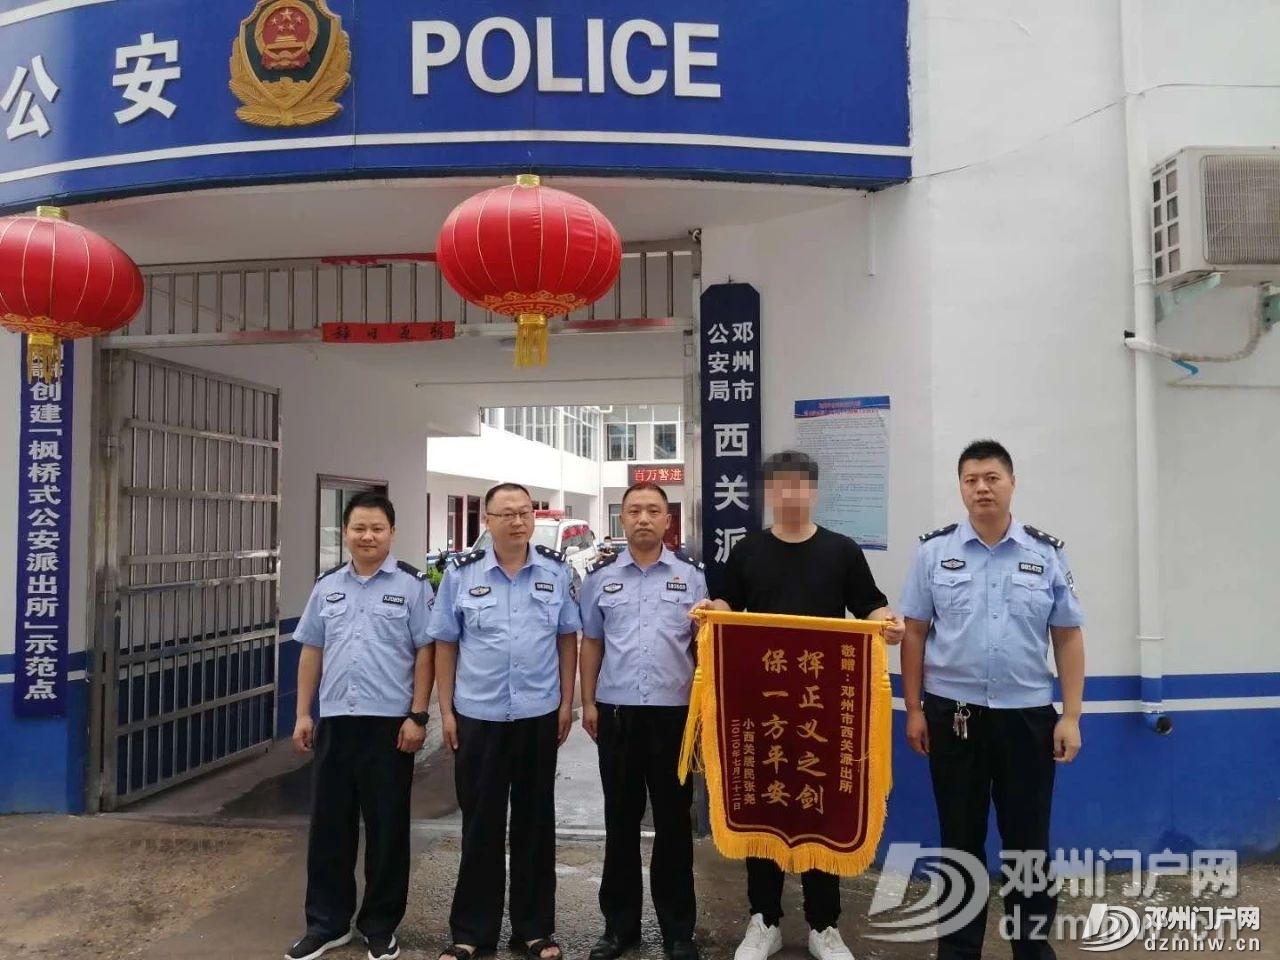 邓州警方成功破获一起虚拟游戏装备盗窃案 - 邓州门户网|邓州网 - 4b975ef81253609798afd5340e953db5.jpg